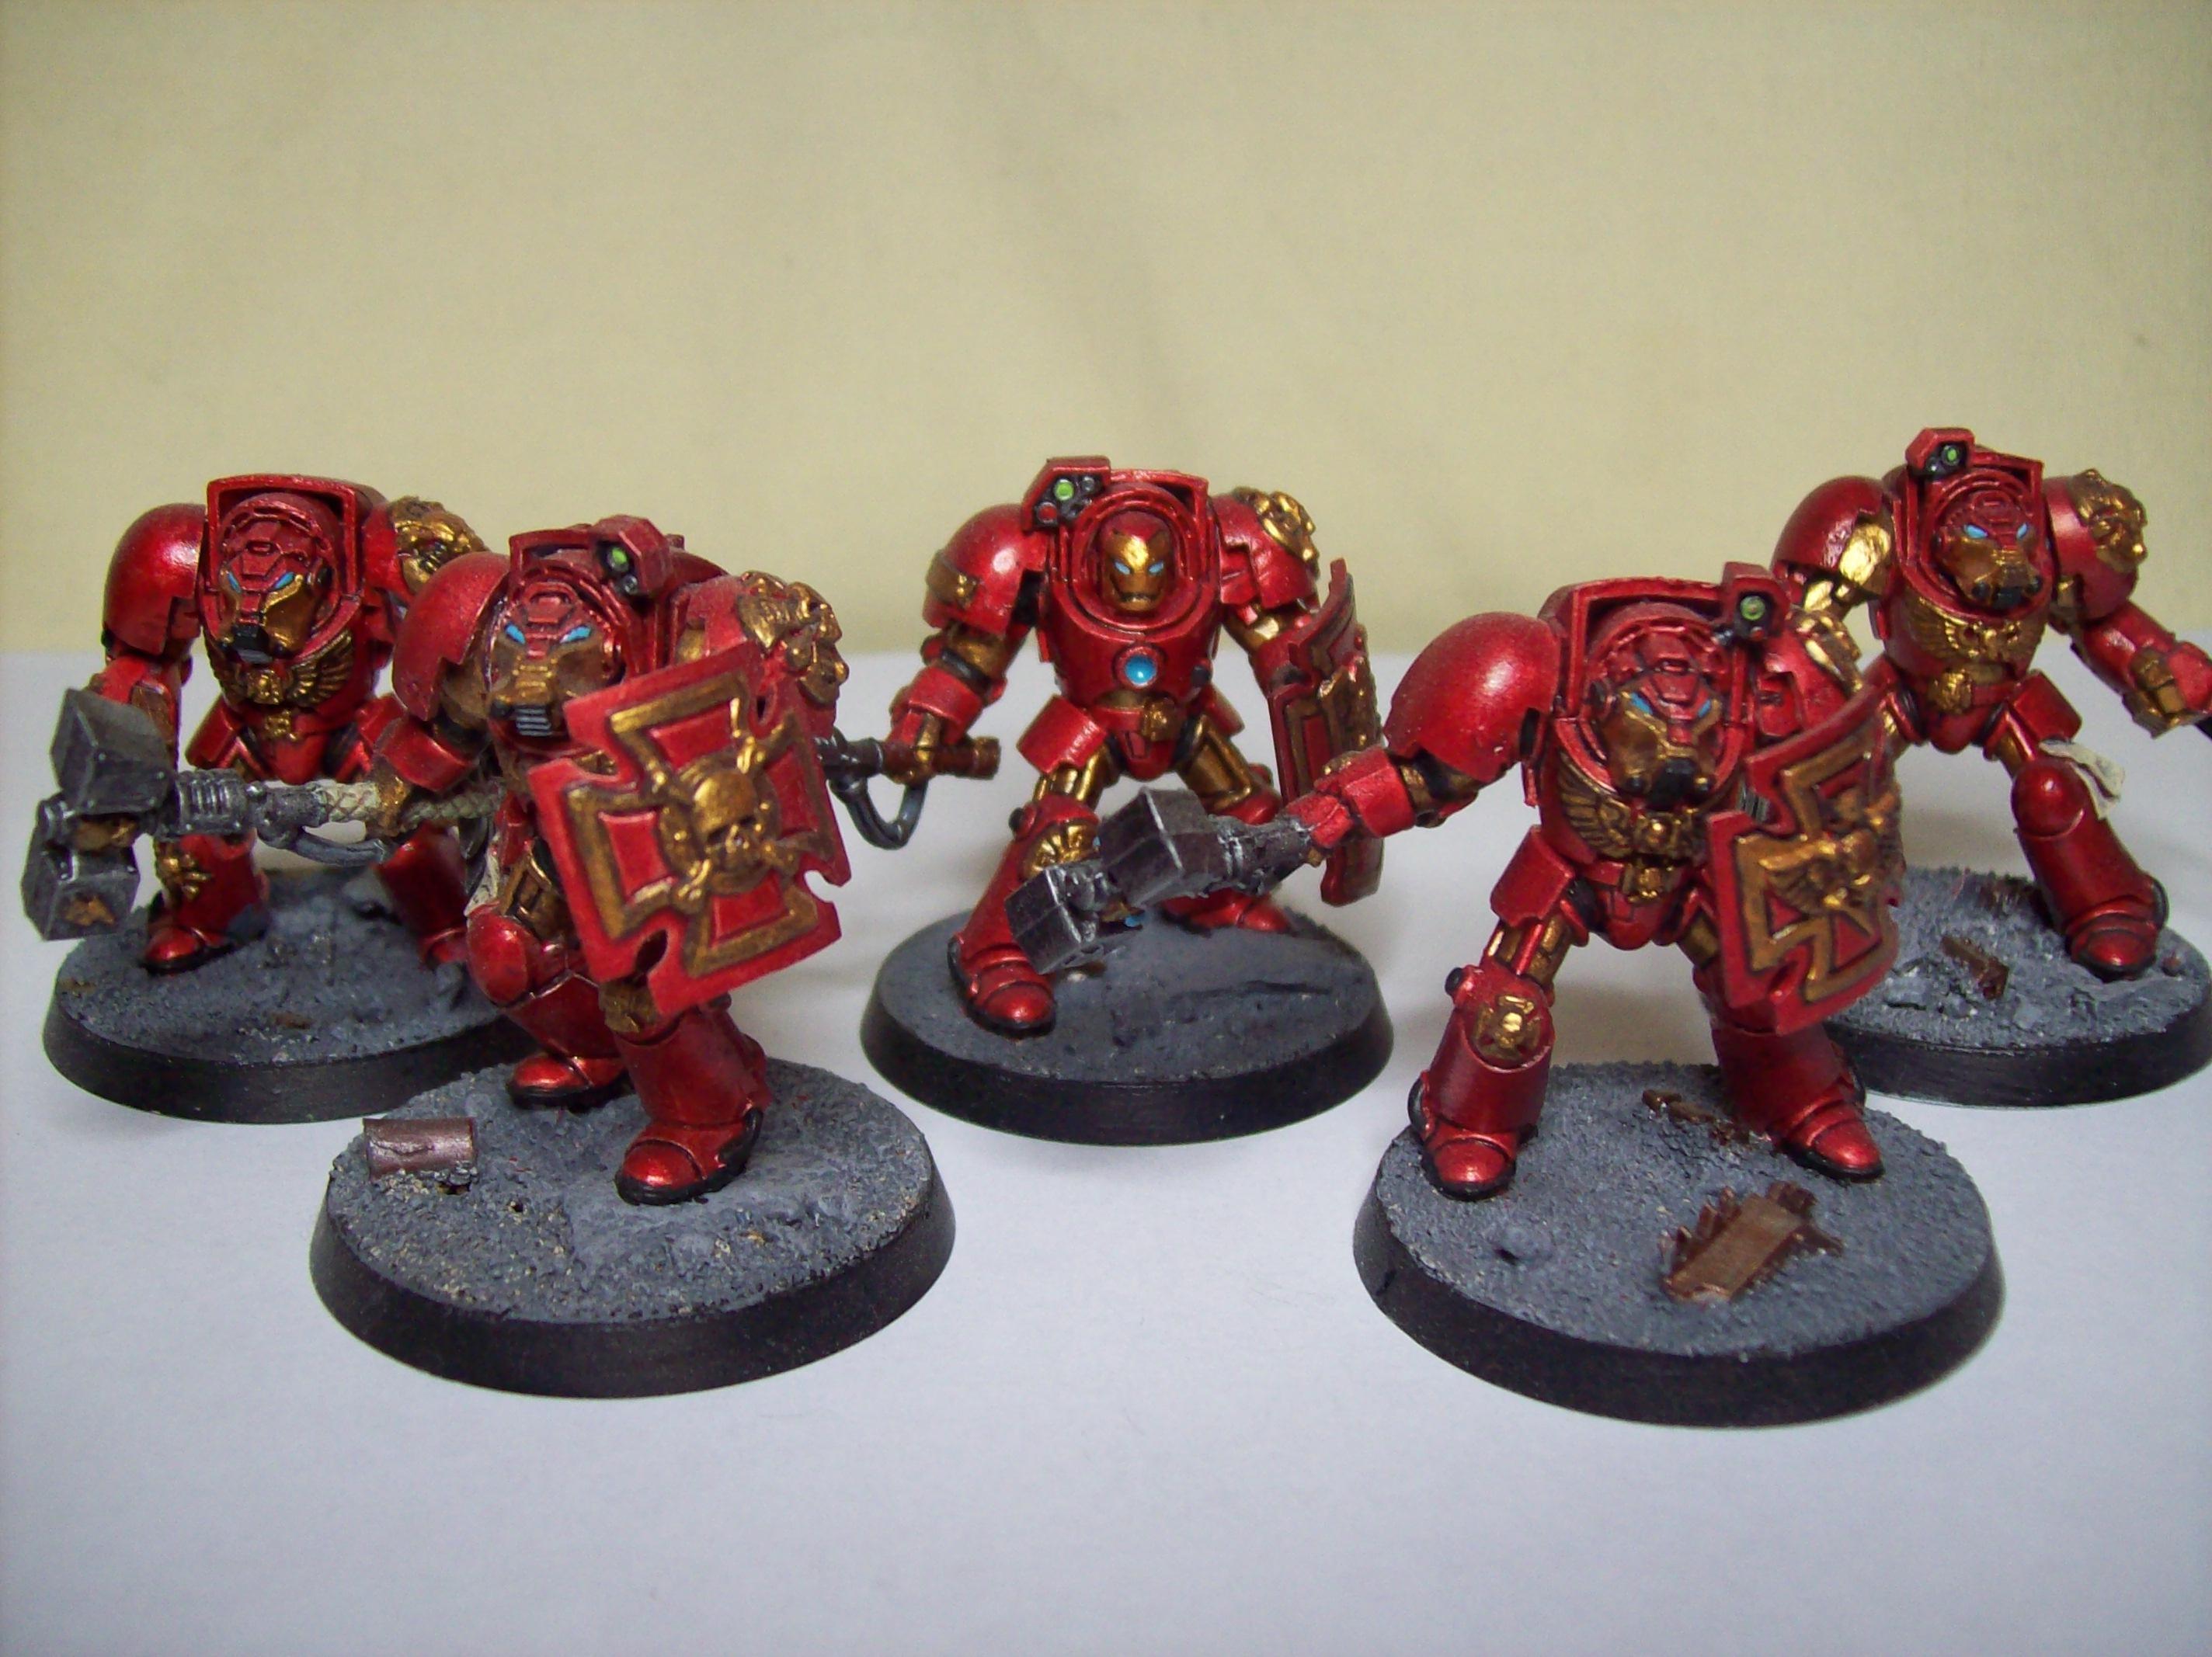 Iron Man, Space Marines, Terminator Armor